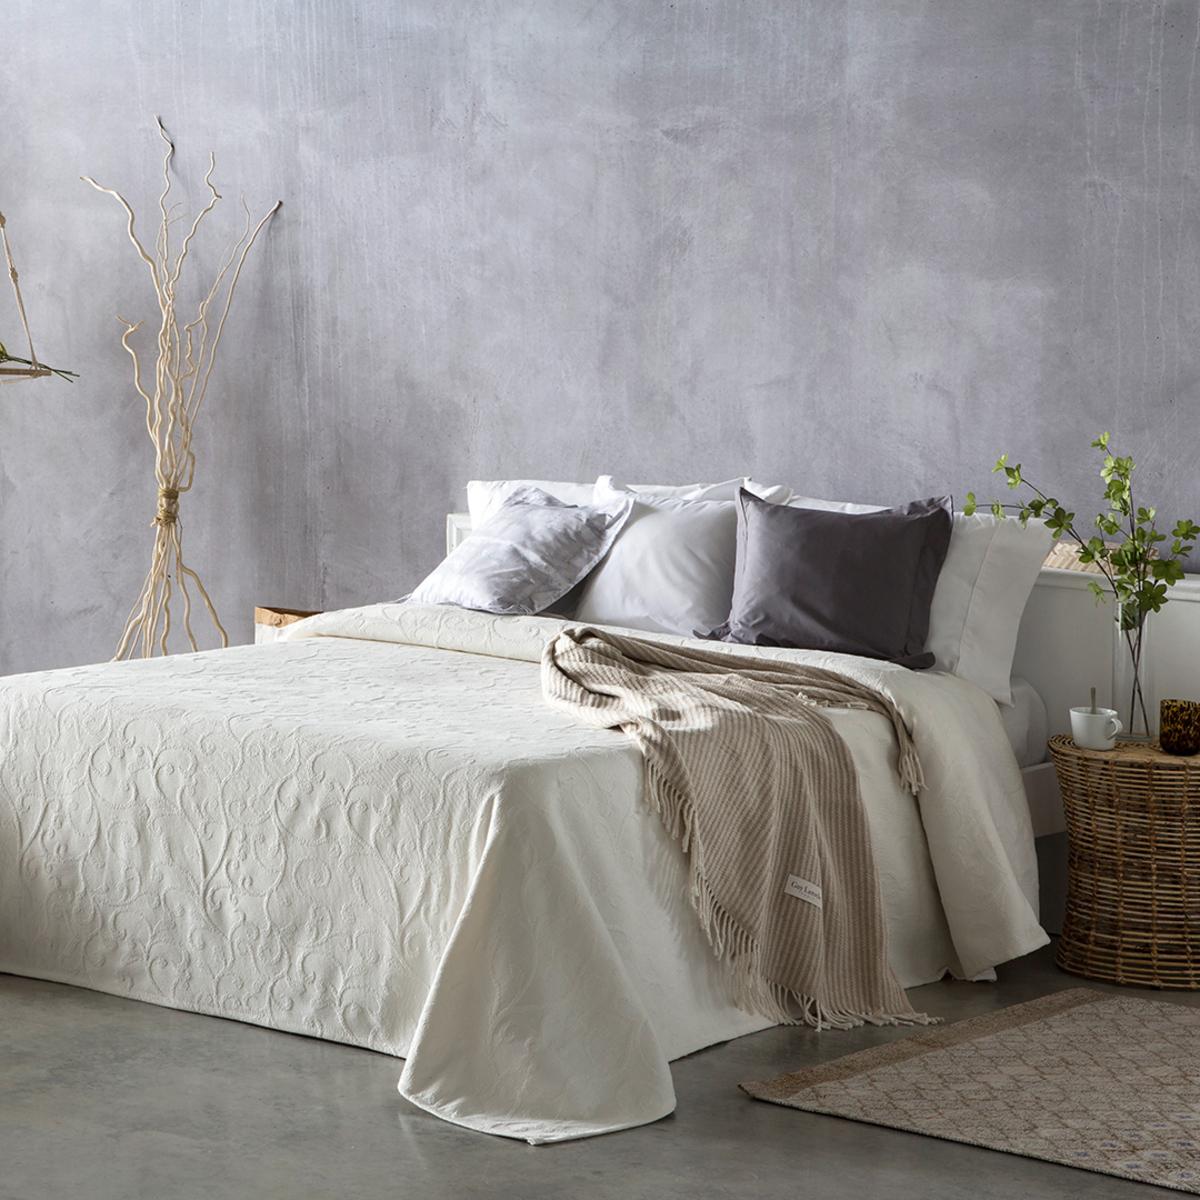 Couvre lit en coton beige 230x270